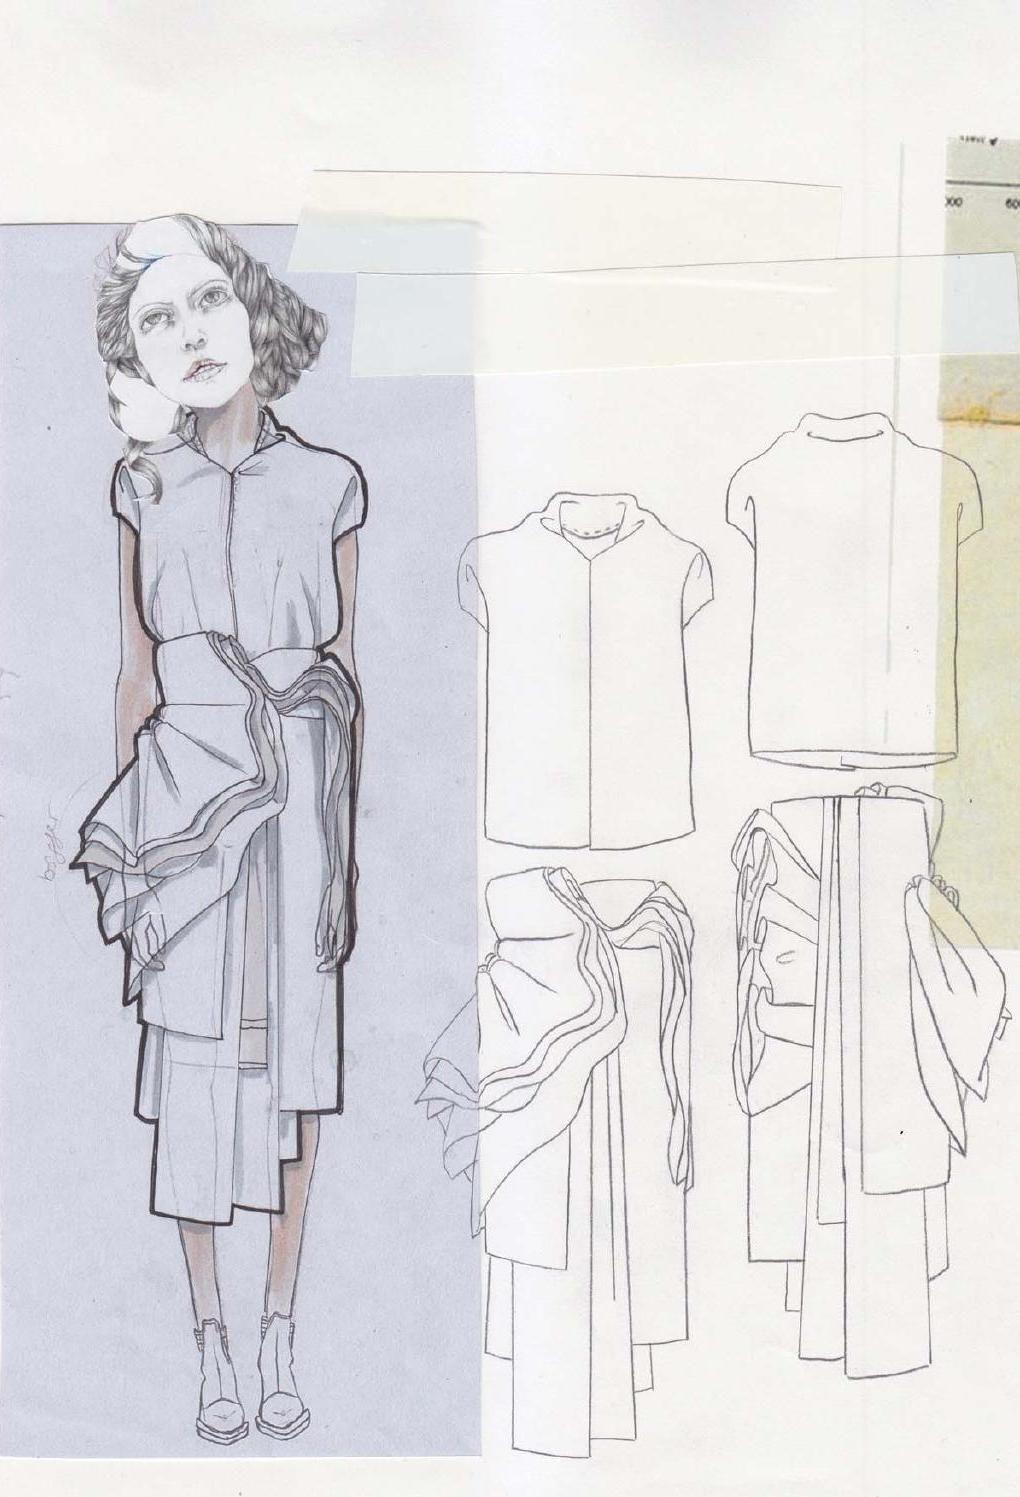 Fashion Sketchbook - draped skirt designs, fashion drawings, fashion portfolio // Valeska Collado